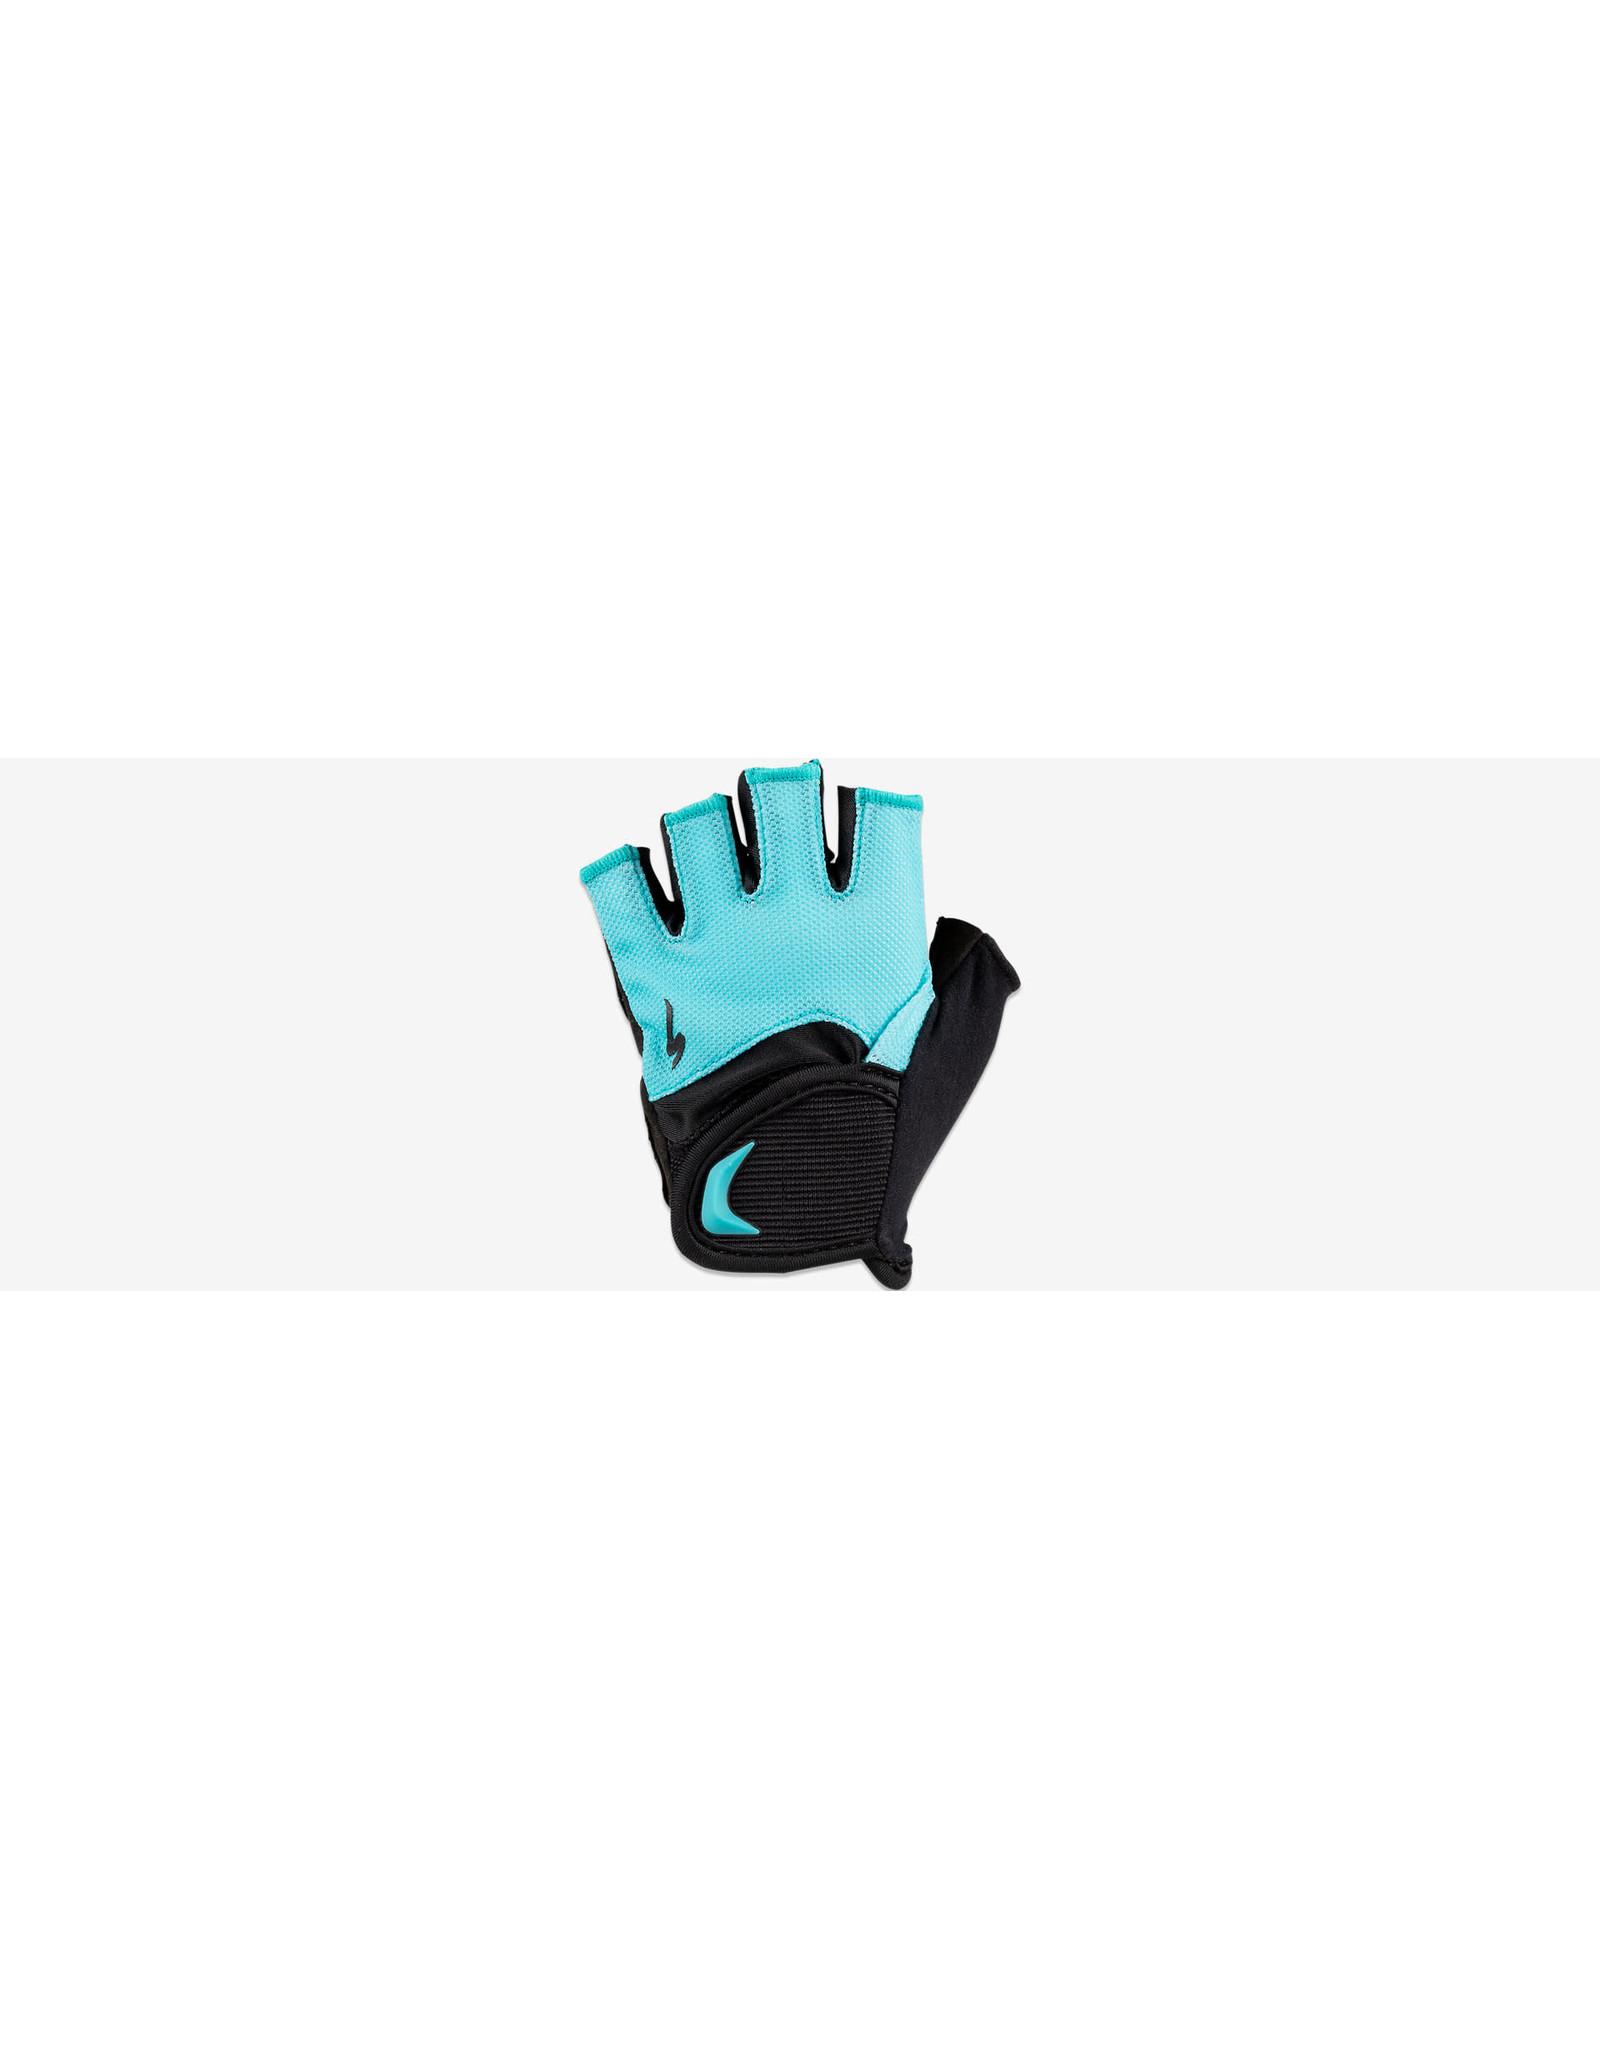 Specialized Glove Spec BG Kids Aqa XL X-Large